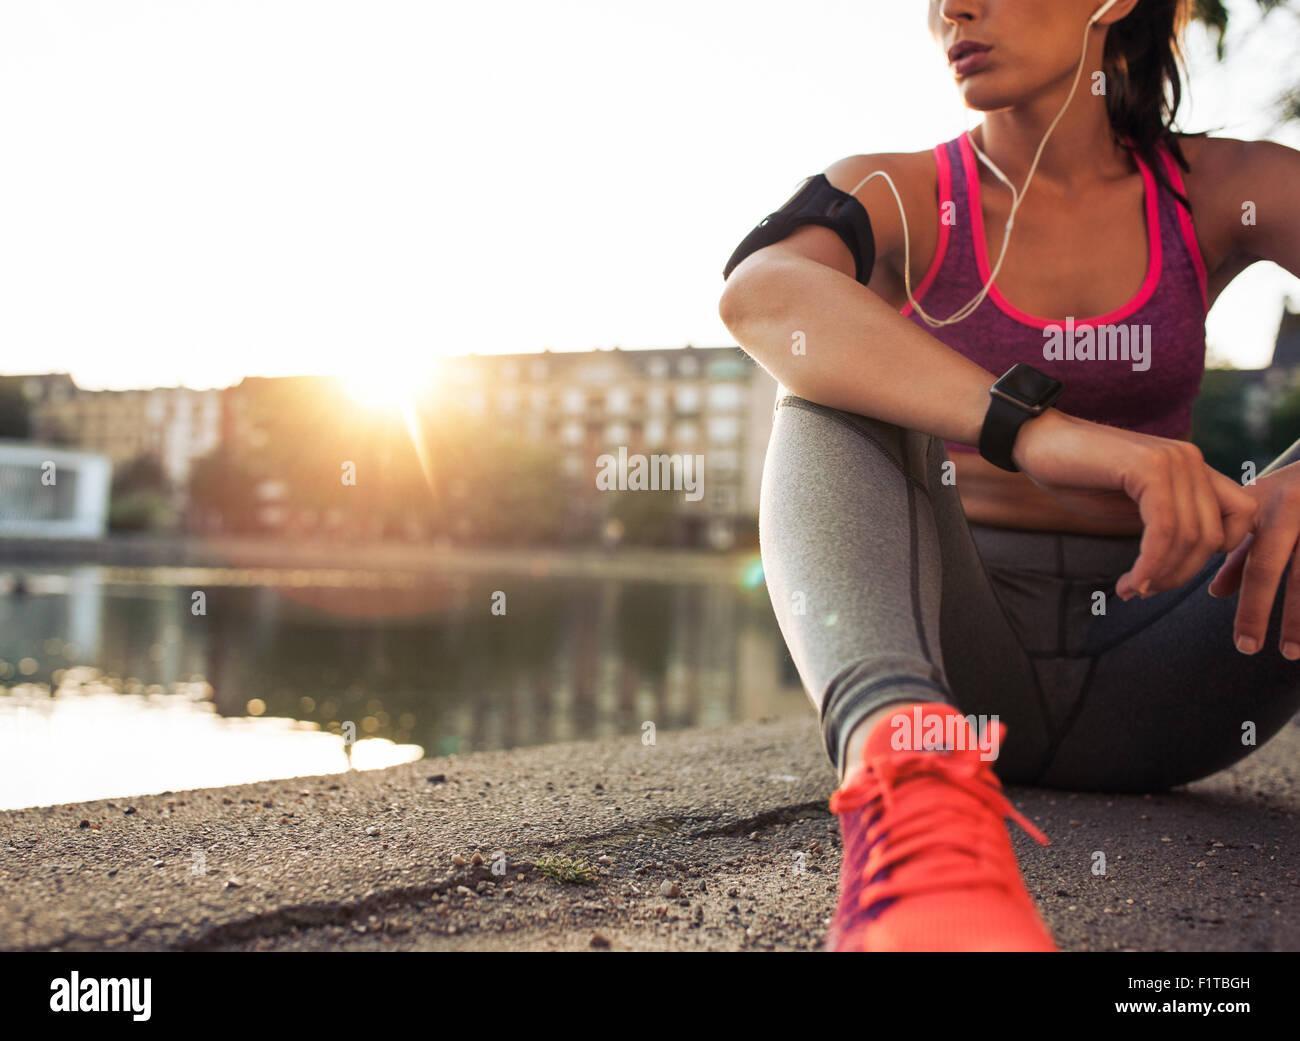 Mujer joven corredor descansar tras una sesión de entrenamiento en la mañana soleada. Modelo de fitness Imagen De Stock